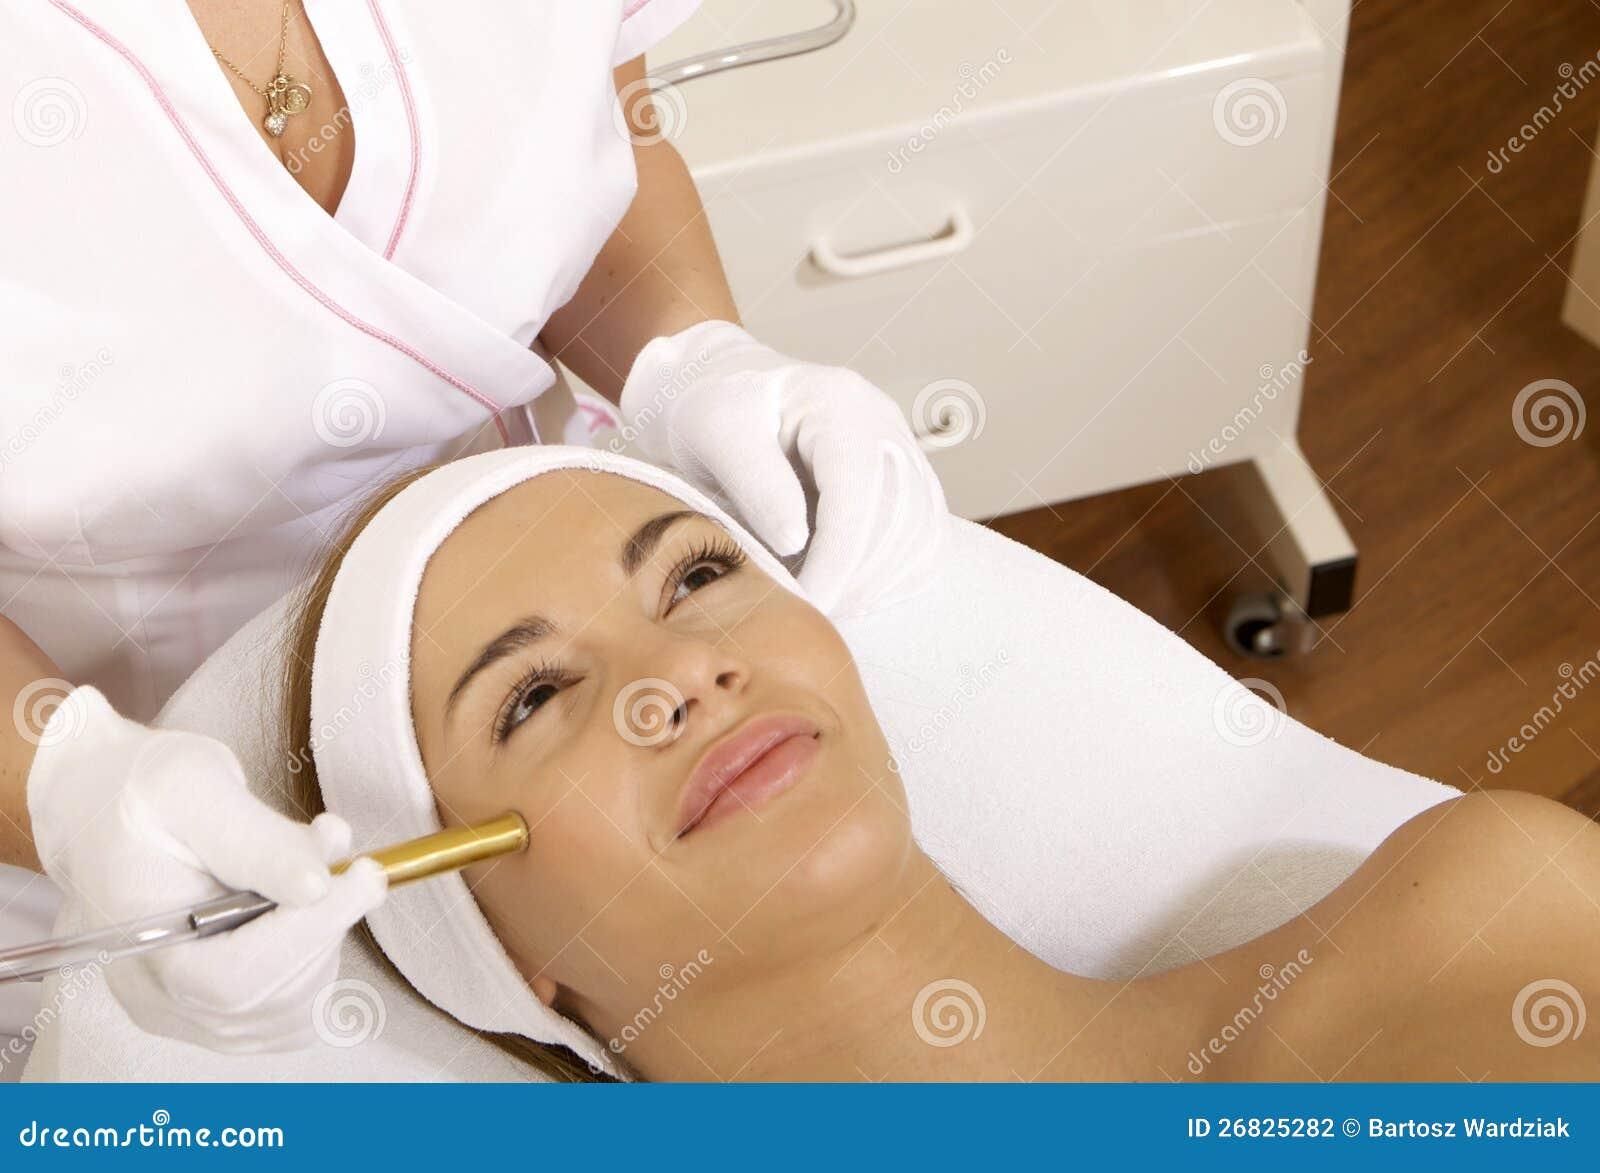 和少妇做�9�.k{x+_接受激光疗法的少妇